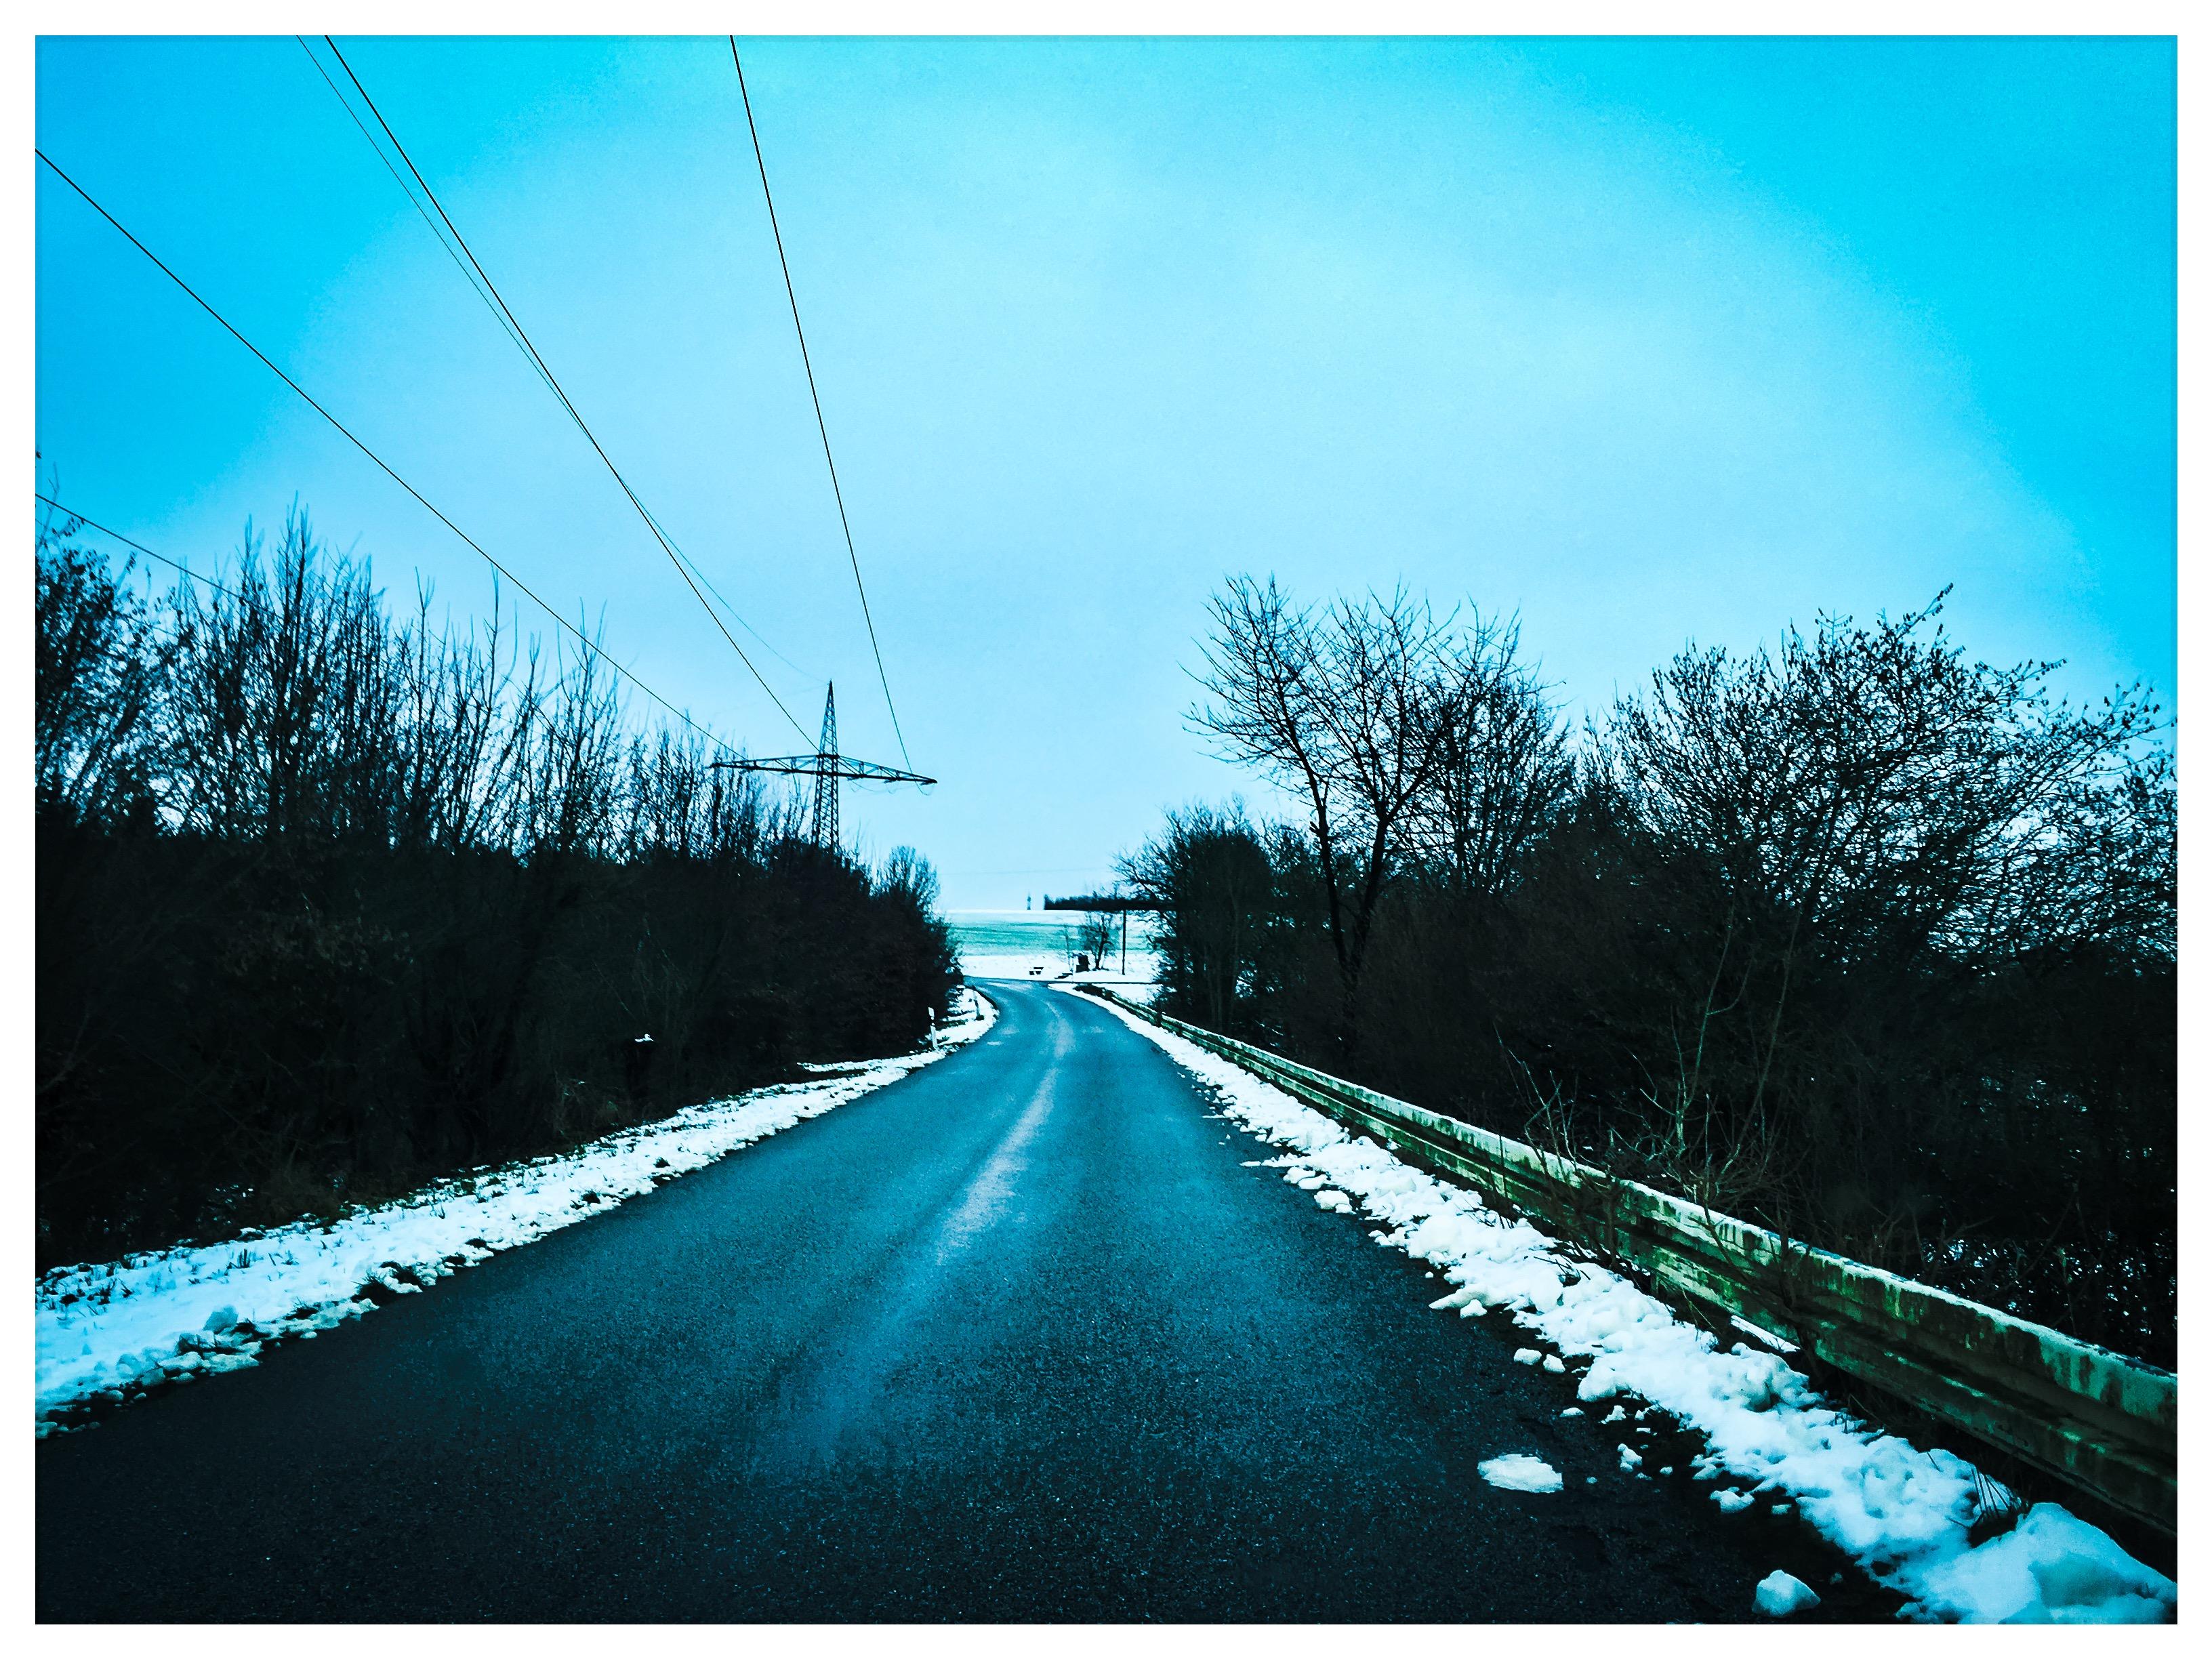 Unterwegs auf Gemeideverbindungsstraßen # 49